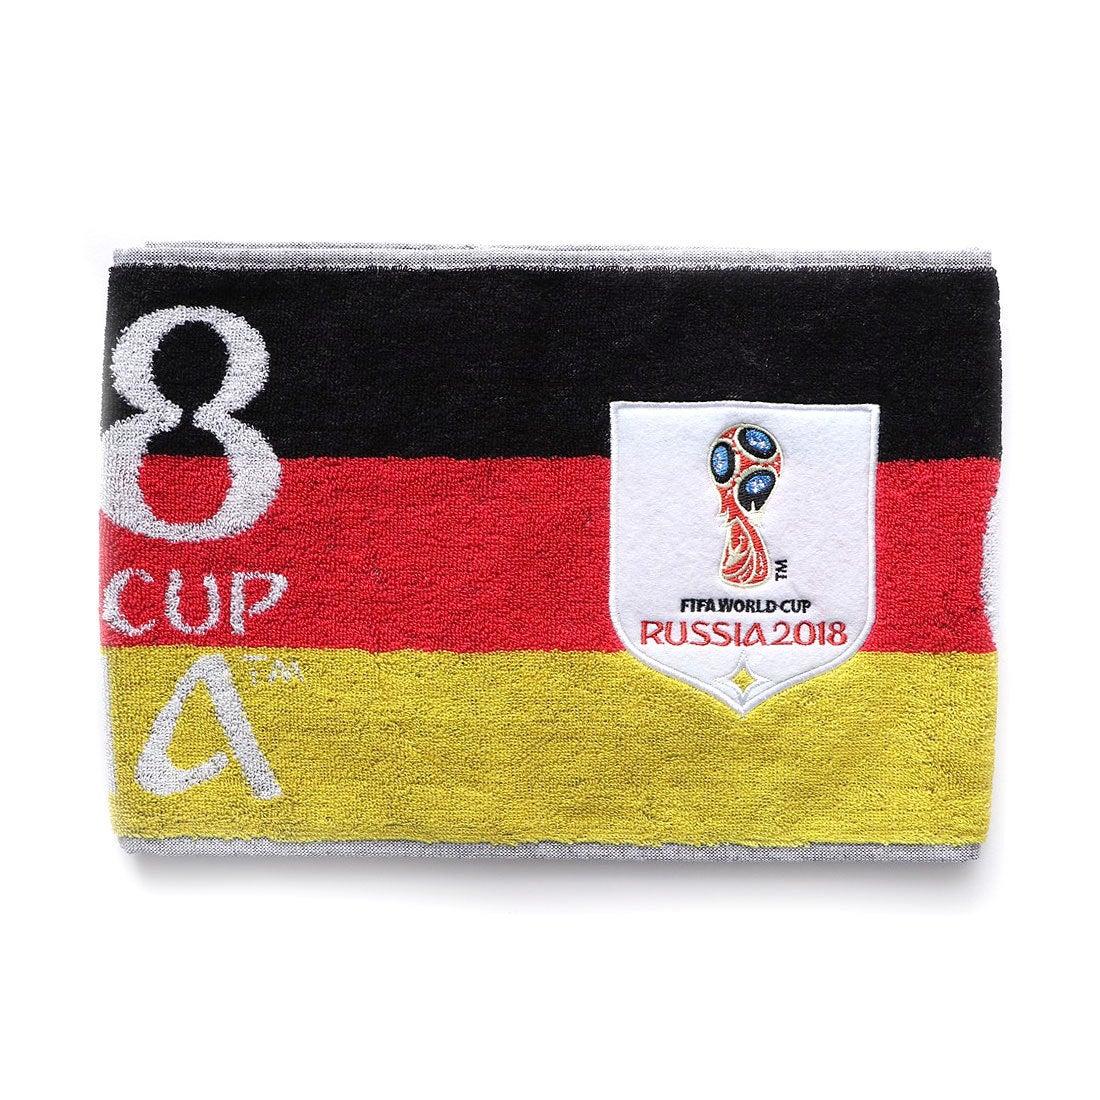 ロコンド 靴とファッションの通販サイトスポーツデポSPORTSDEPOサッカー/フットサルライセンスグッズタオルマフラー(出場国)ドイツ83002